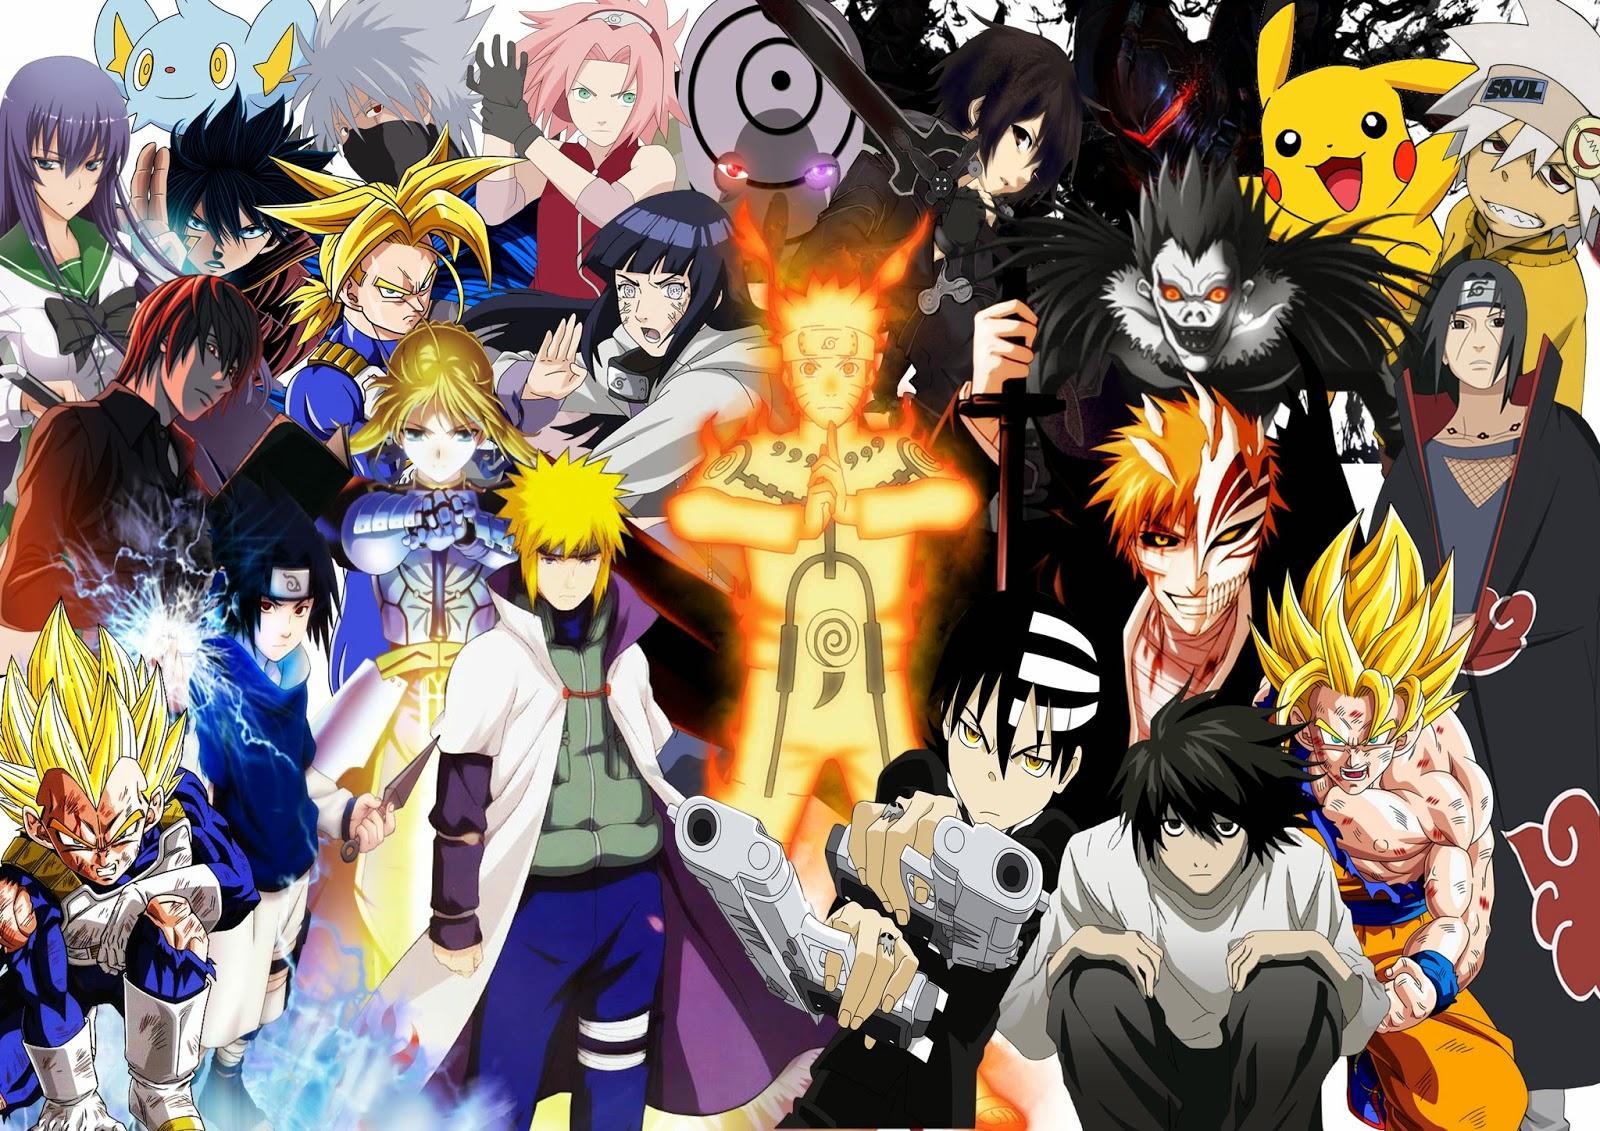 ... Kumpulan Kata Bijak Mutiara Tokoh Anime yang telah admin rangkum